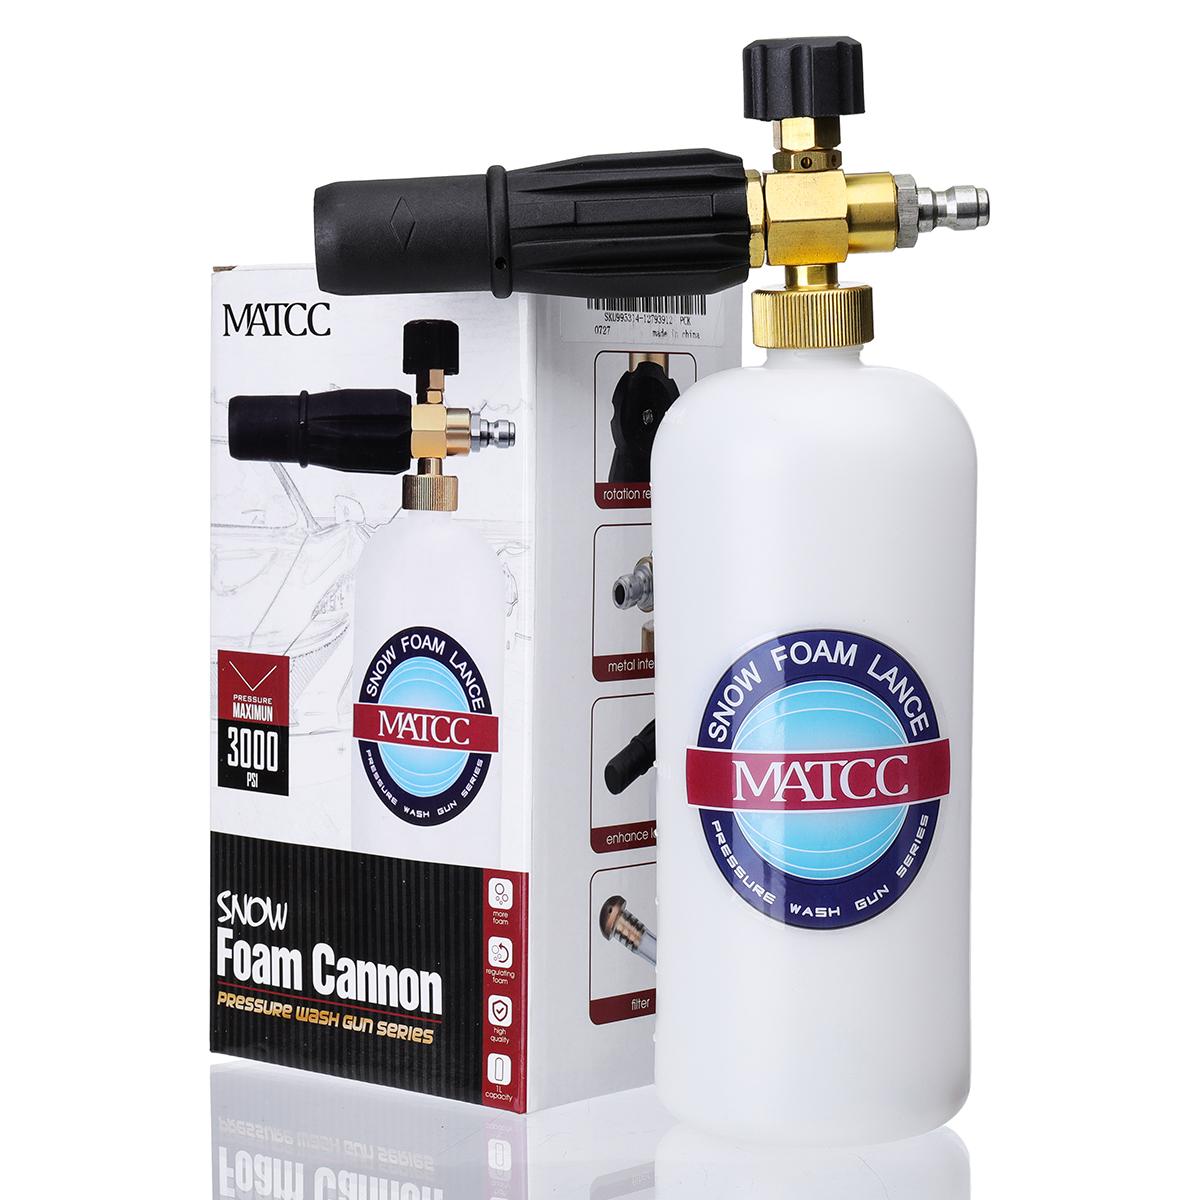 MATCC Foam Cannon II